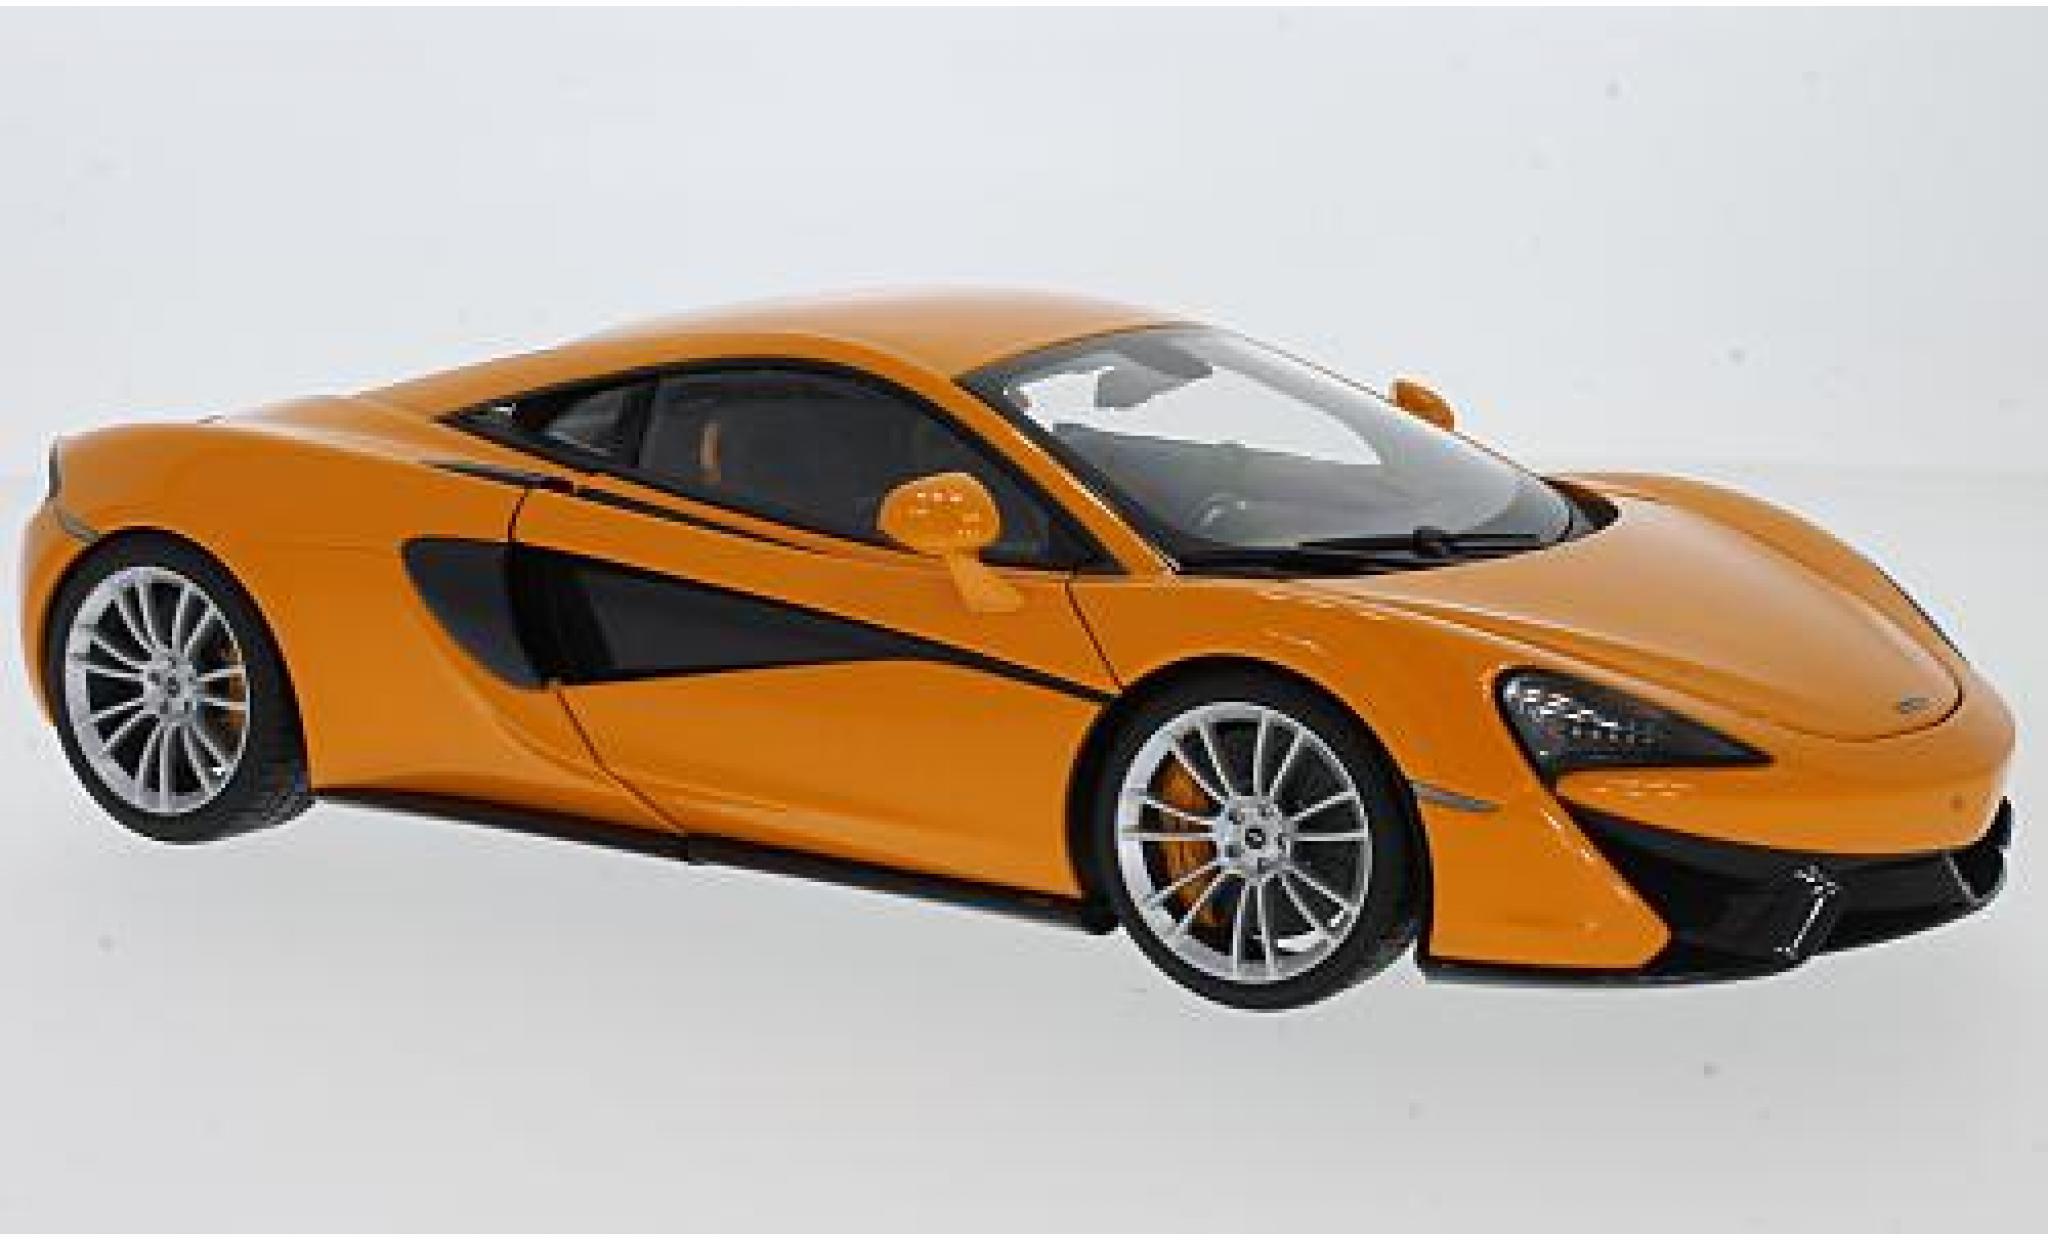 McLaren 570 1/18 AUTOart S orange 2016 avec grisenen Rädern